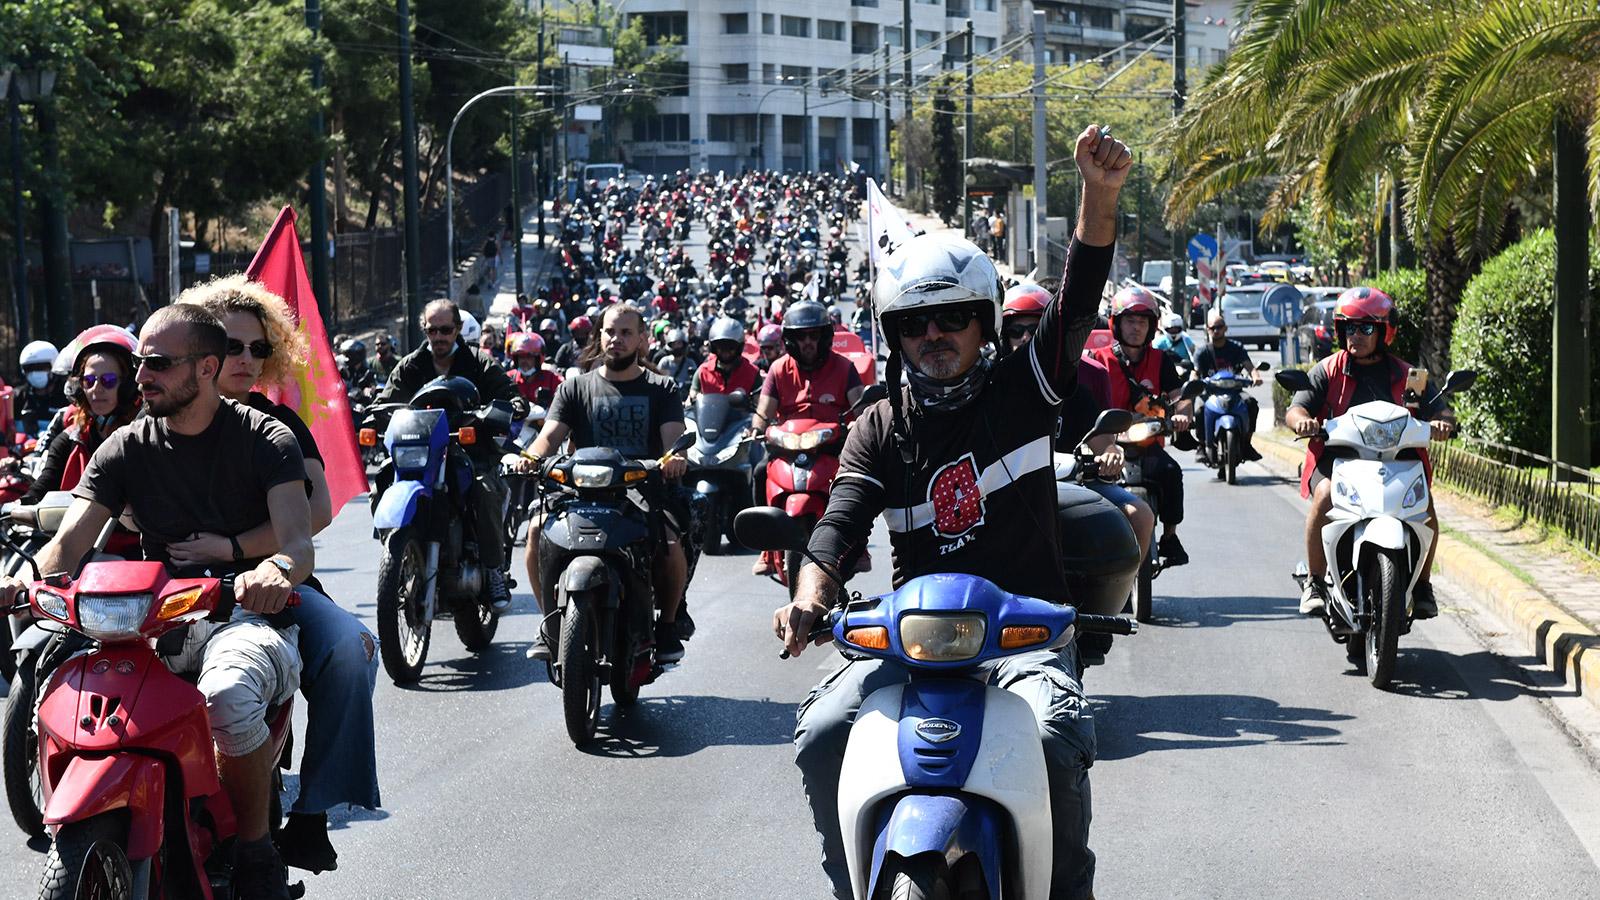 Απεργία διανομέων eFood – Μεγάλη μοτοπορεία στους δρόμους της Αθήνας(ΦΩΤΟ-VIDEO)